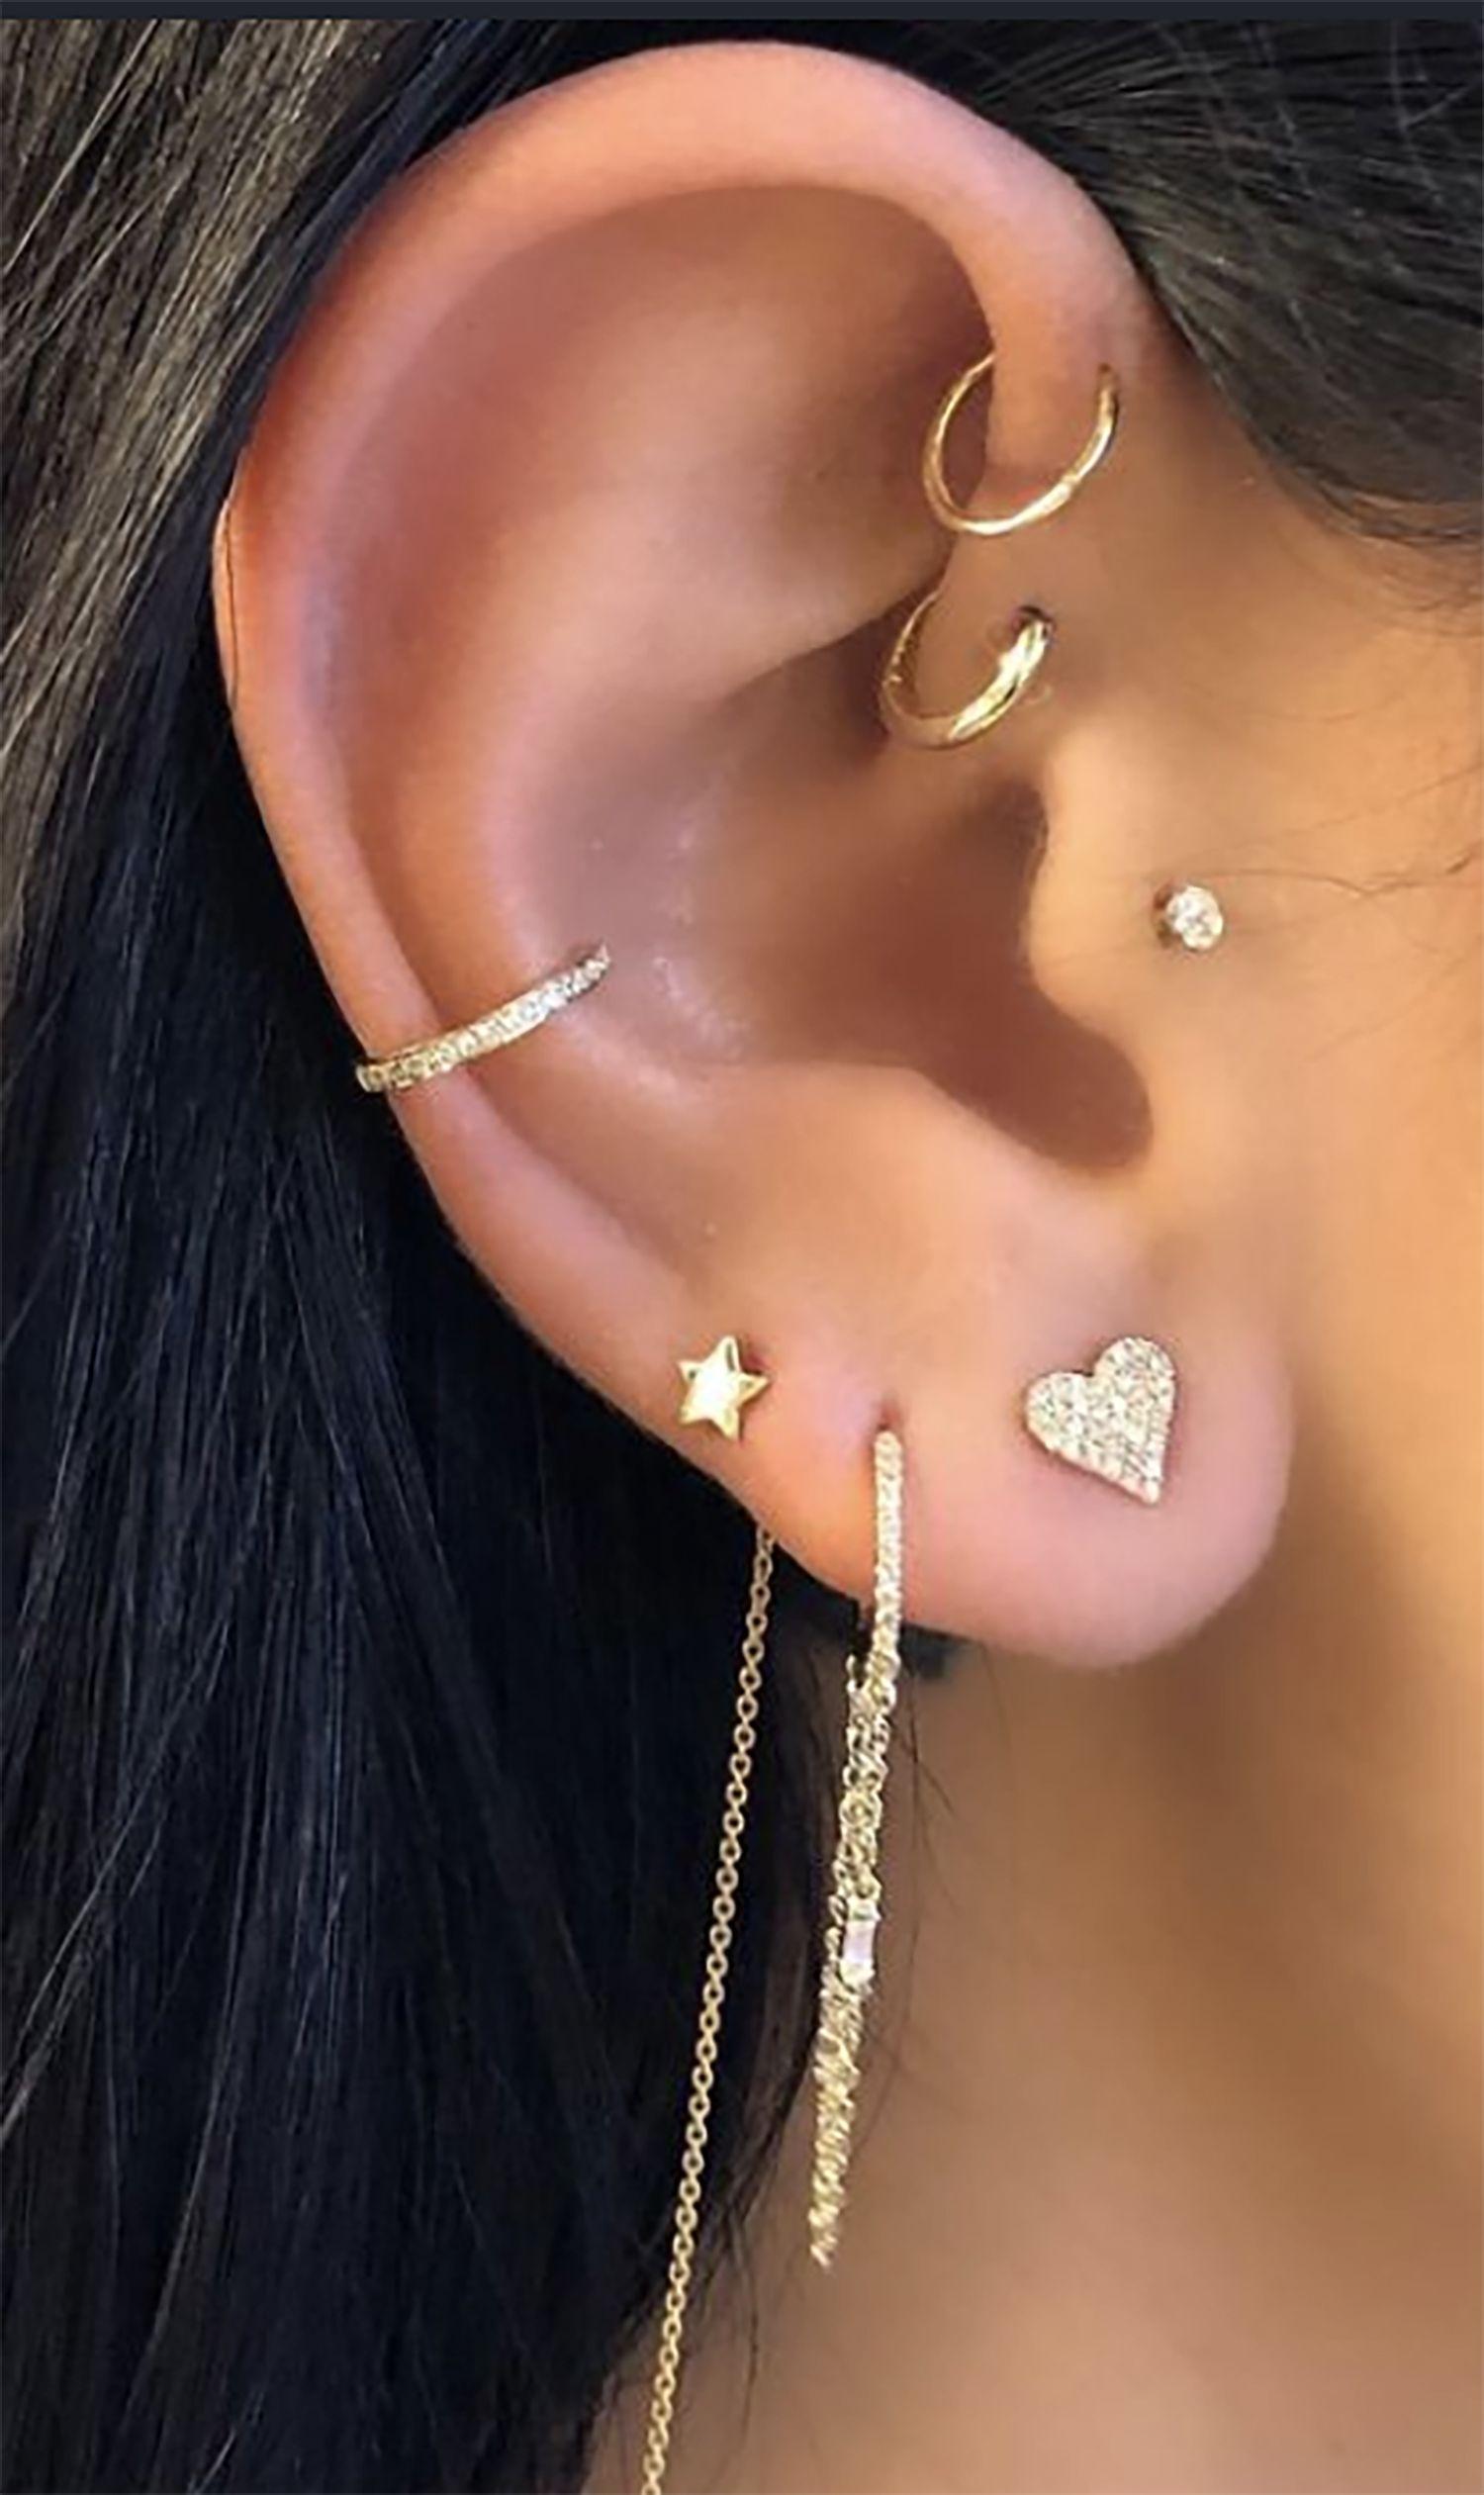 cute feminine multiple gold ear piercing jewelry ideas for women inspiration